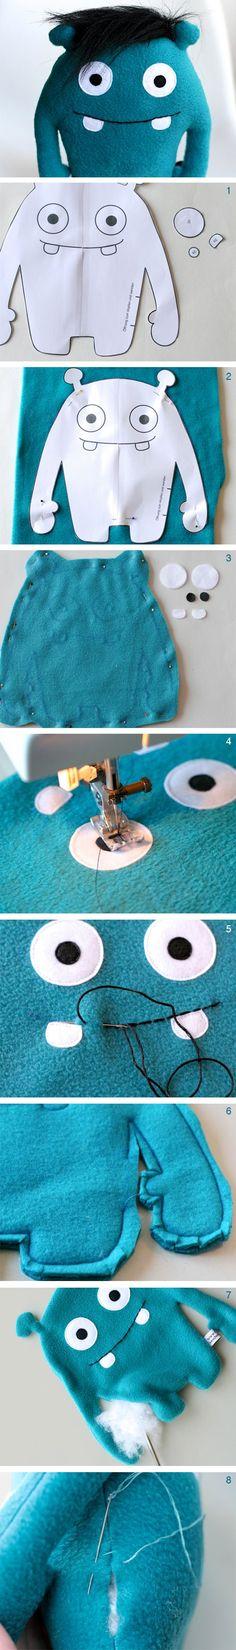 DIY-Nähanleitung für ein niedliches Monster aus Plüsch, Spielzeug selbermachen / diy sewing tutorial for a cuddly monster, gift idea via DaWanda.com